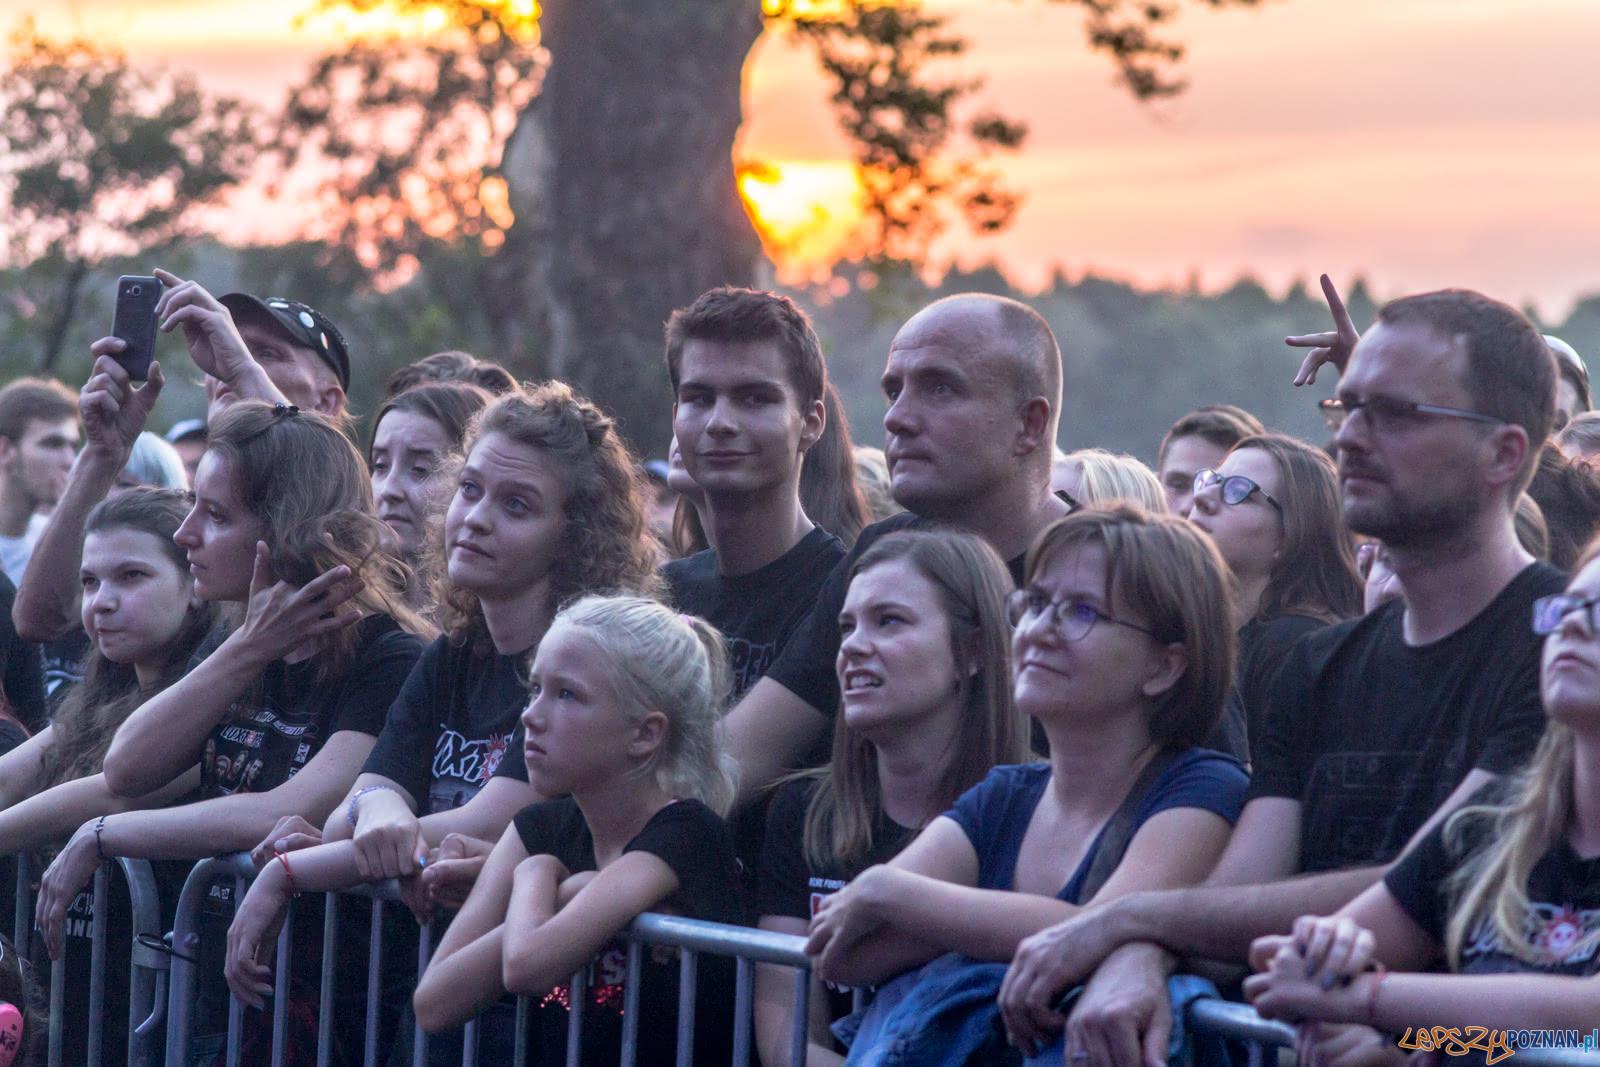 Luxtorpeda #NaFalach  Foto: lepszyPOZNAN.pl / Ewelina Jaśkowiak